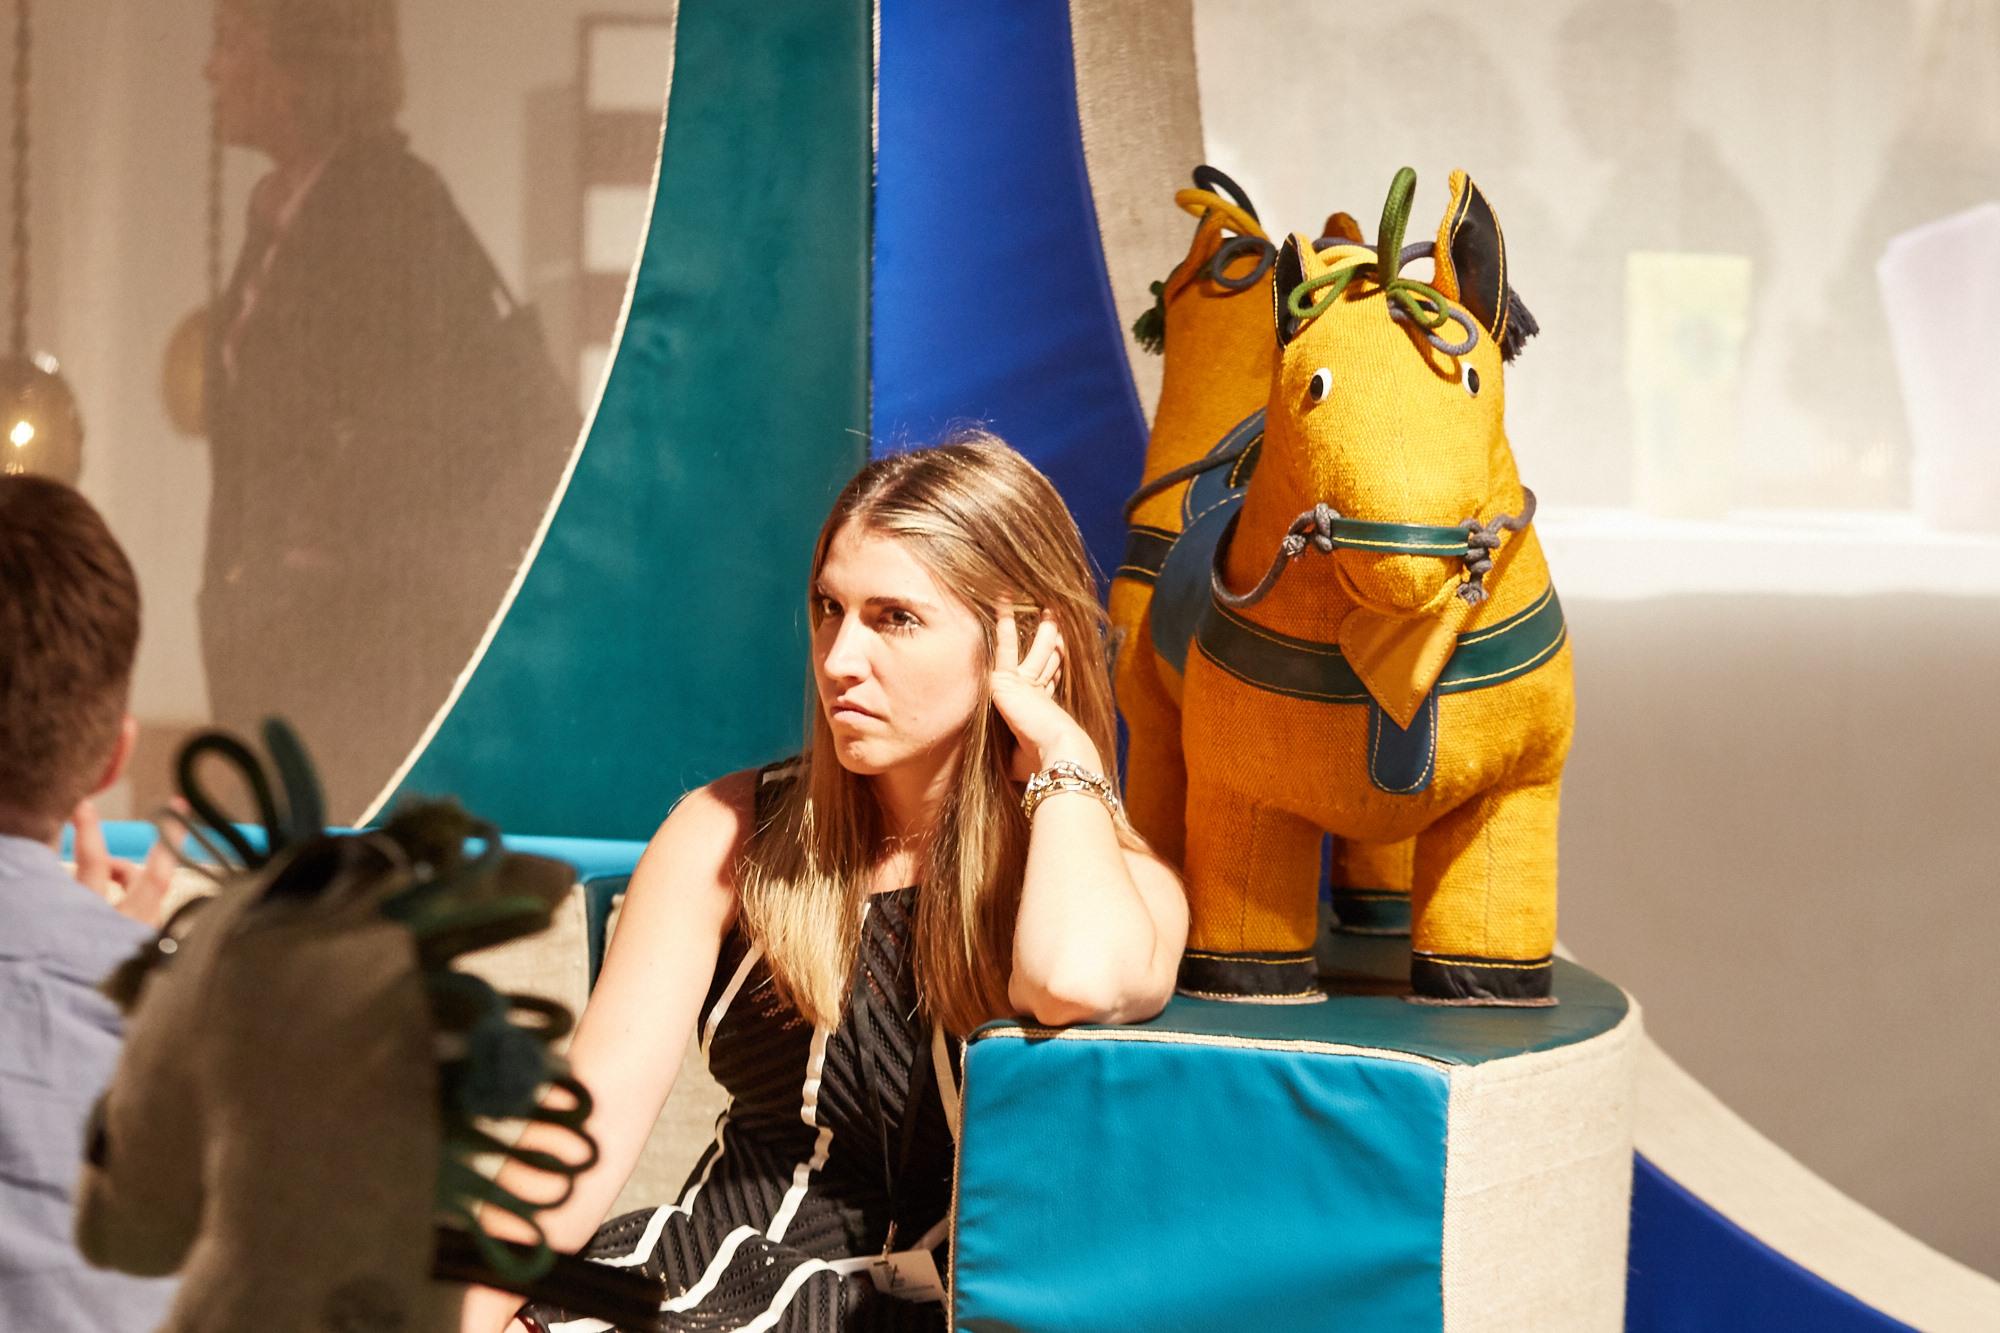 Renate Müller entwarf während DDR-Zeiten zahlreiche Spielsachen zu therapeutischen Zwecken. Für die Galerie R & Company hat sie die alten Zeiten aufleben lassen und einen modularen Spielplatz inklusive einer ganzen Pferdeherde geschaffen.